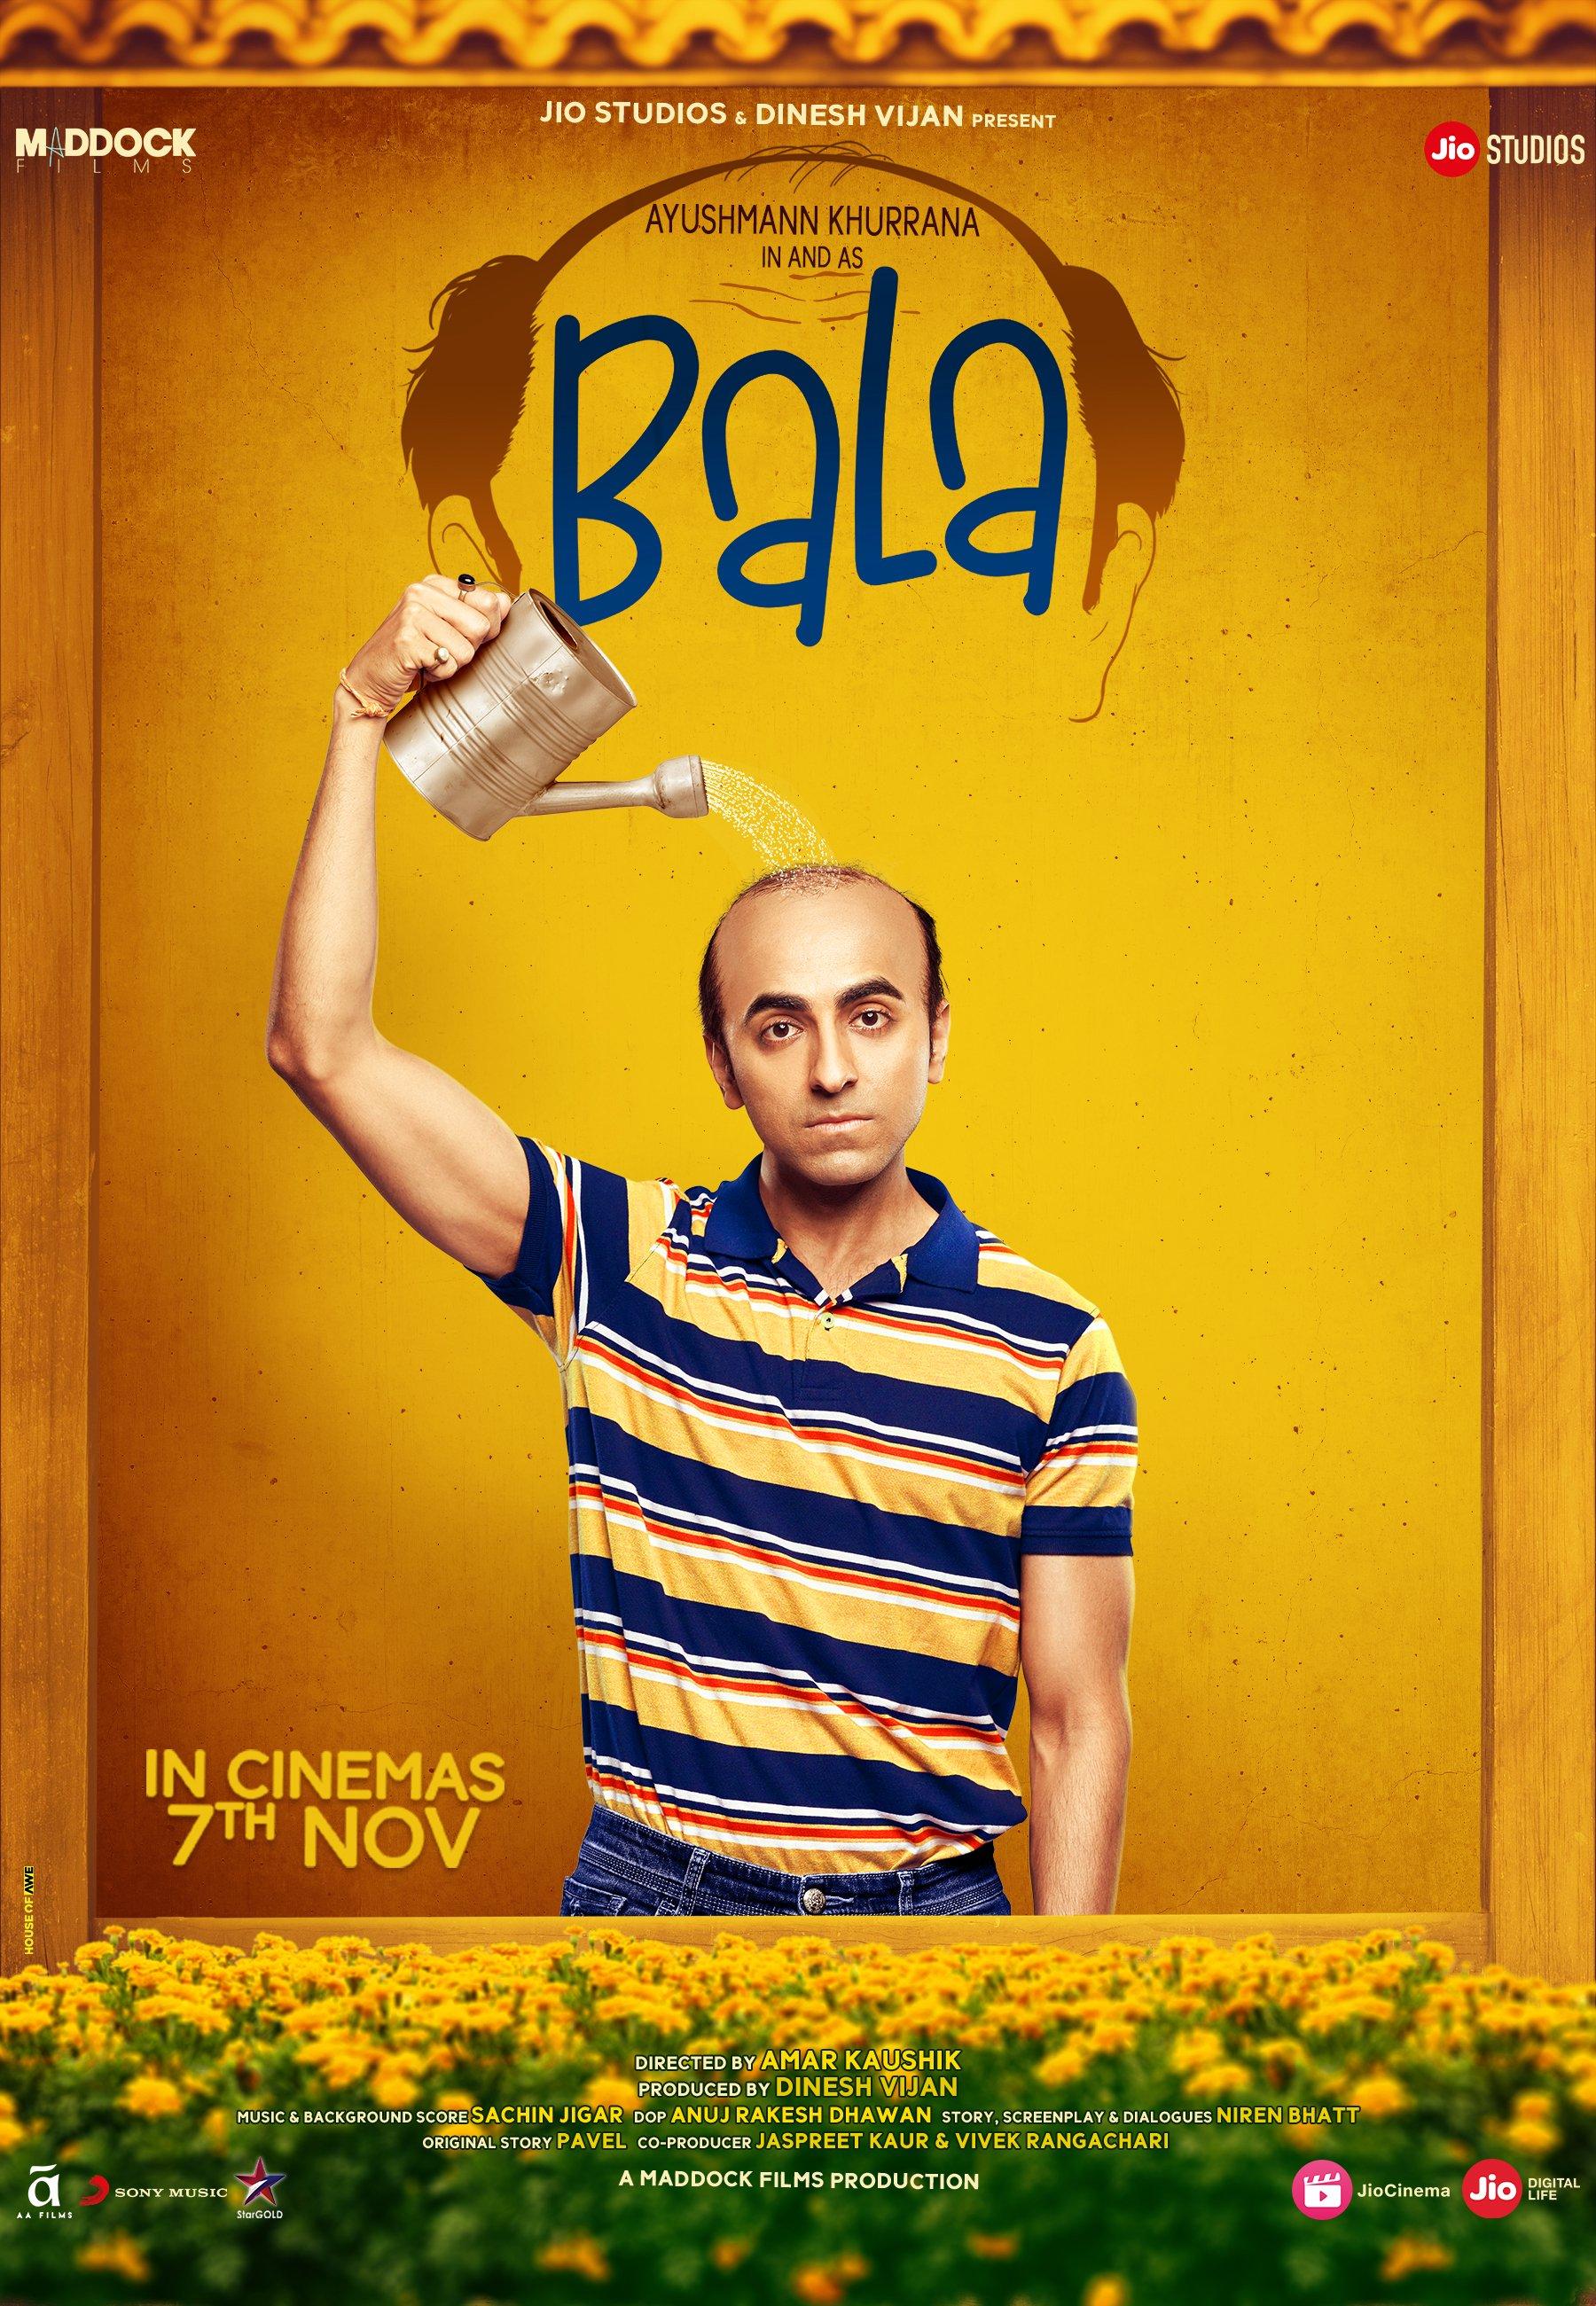 Bala (2019) - BollywoodMDB